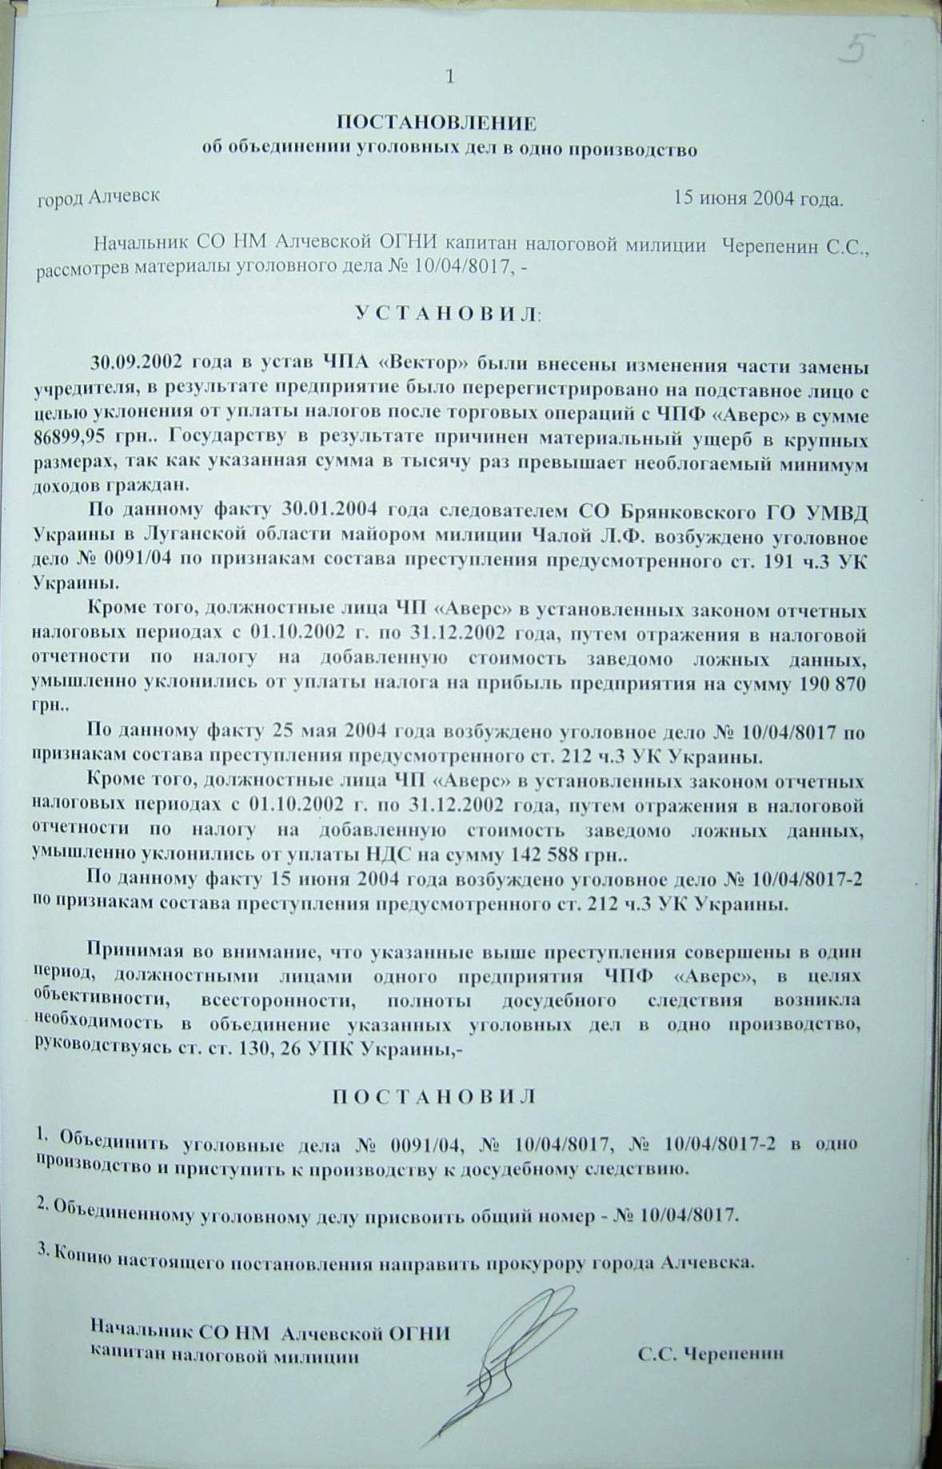 бланк постановления об избрании меры пресечения